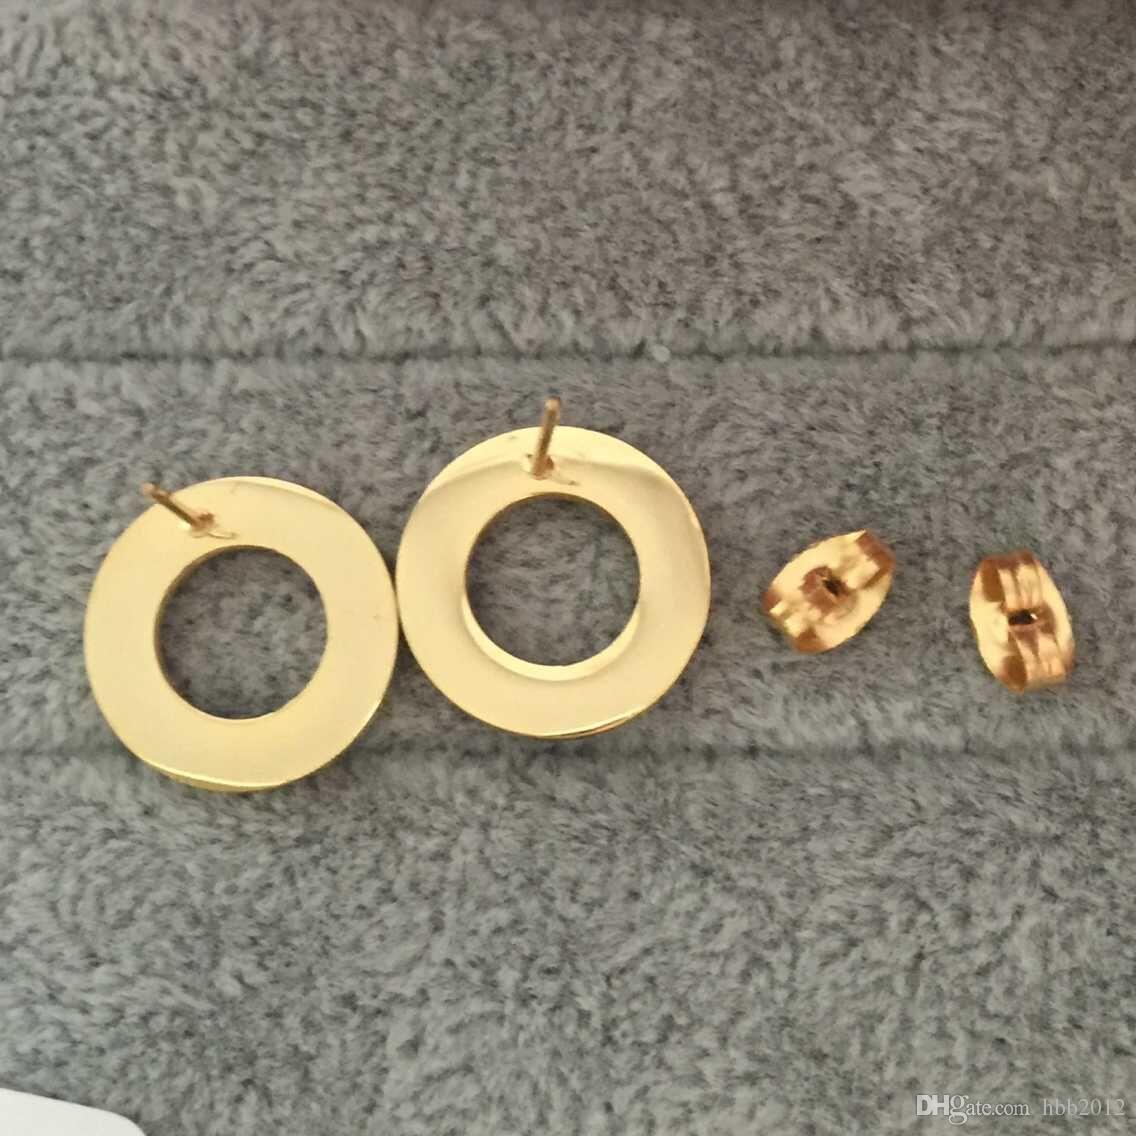 Chegada nova Alta Qualidade Famosa Design de Jóias de Moda de Aço Inoxidável Estilo de Luxo Banhado A Ouro Brincos Do Parafuso Prisioneiro Para Mulheres Dos Homens